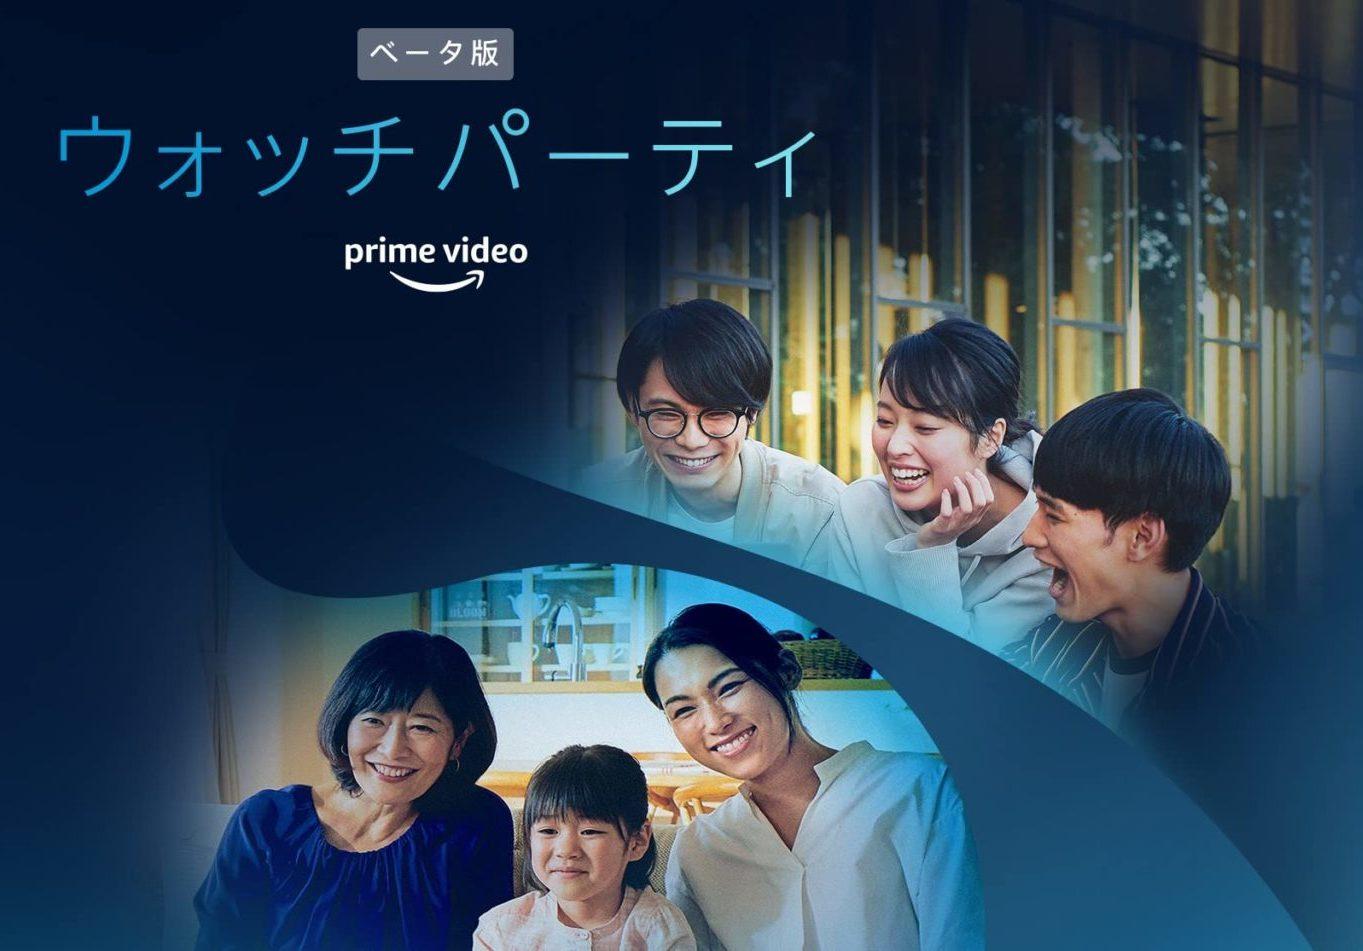 アマゾンプライムビデオで無料で100人とチャットしながら仲間と動画視聴ができる「ウォッチパーティ」機能が追加へ。10/19~。